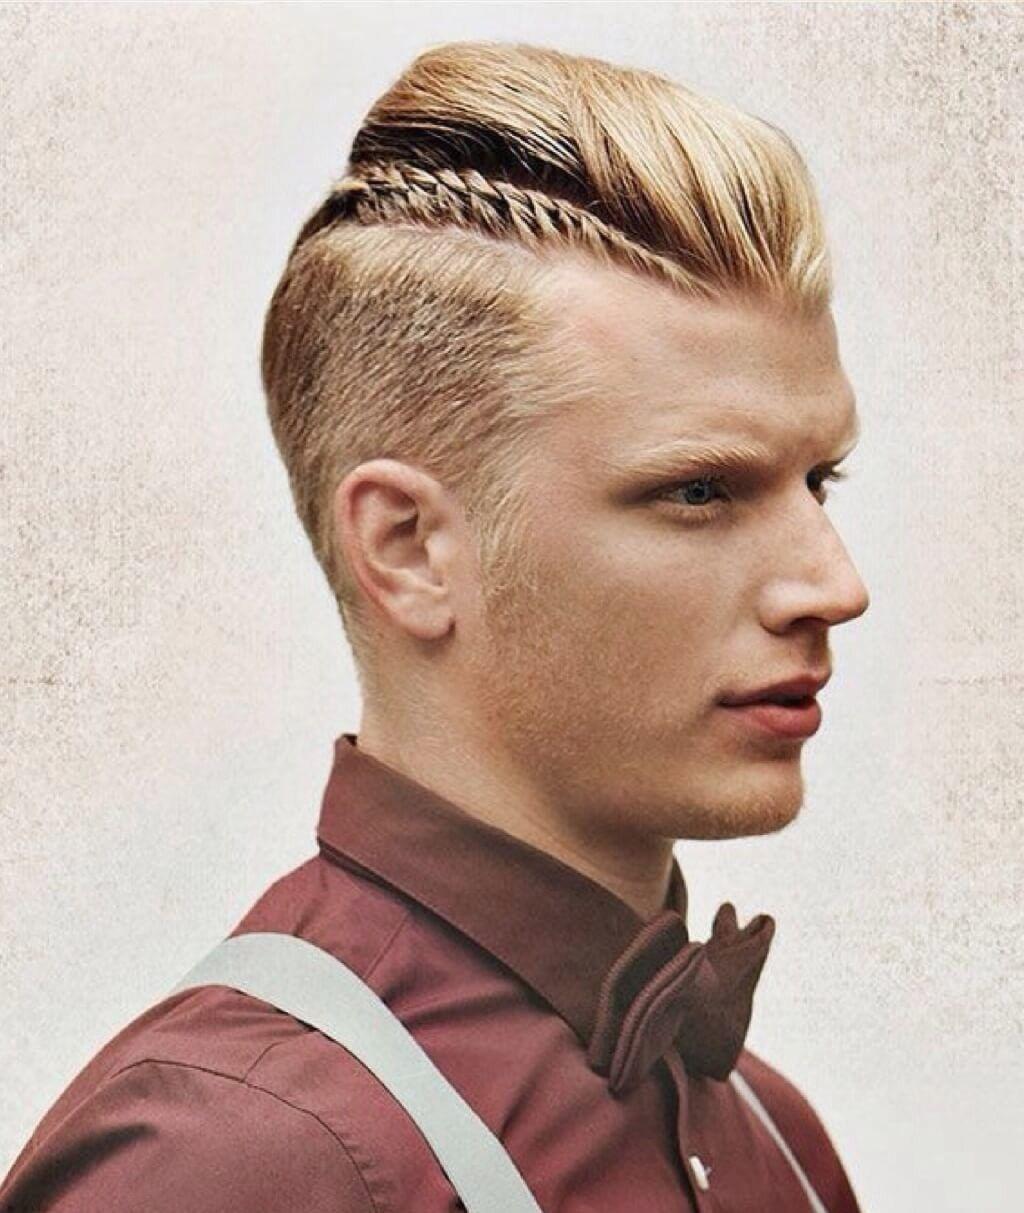 Frisuren Männer Undercut Zopf Hair Style Women Hair Styles Hair